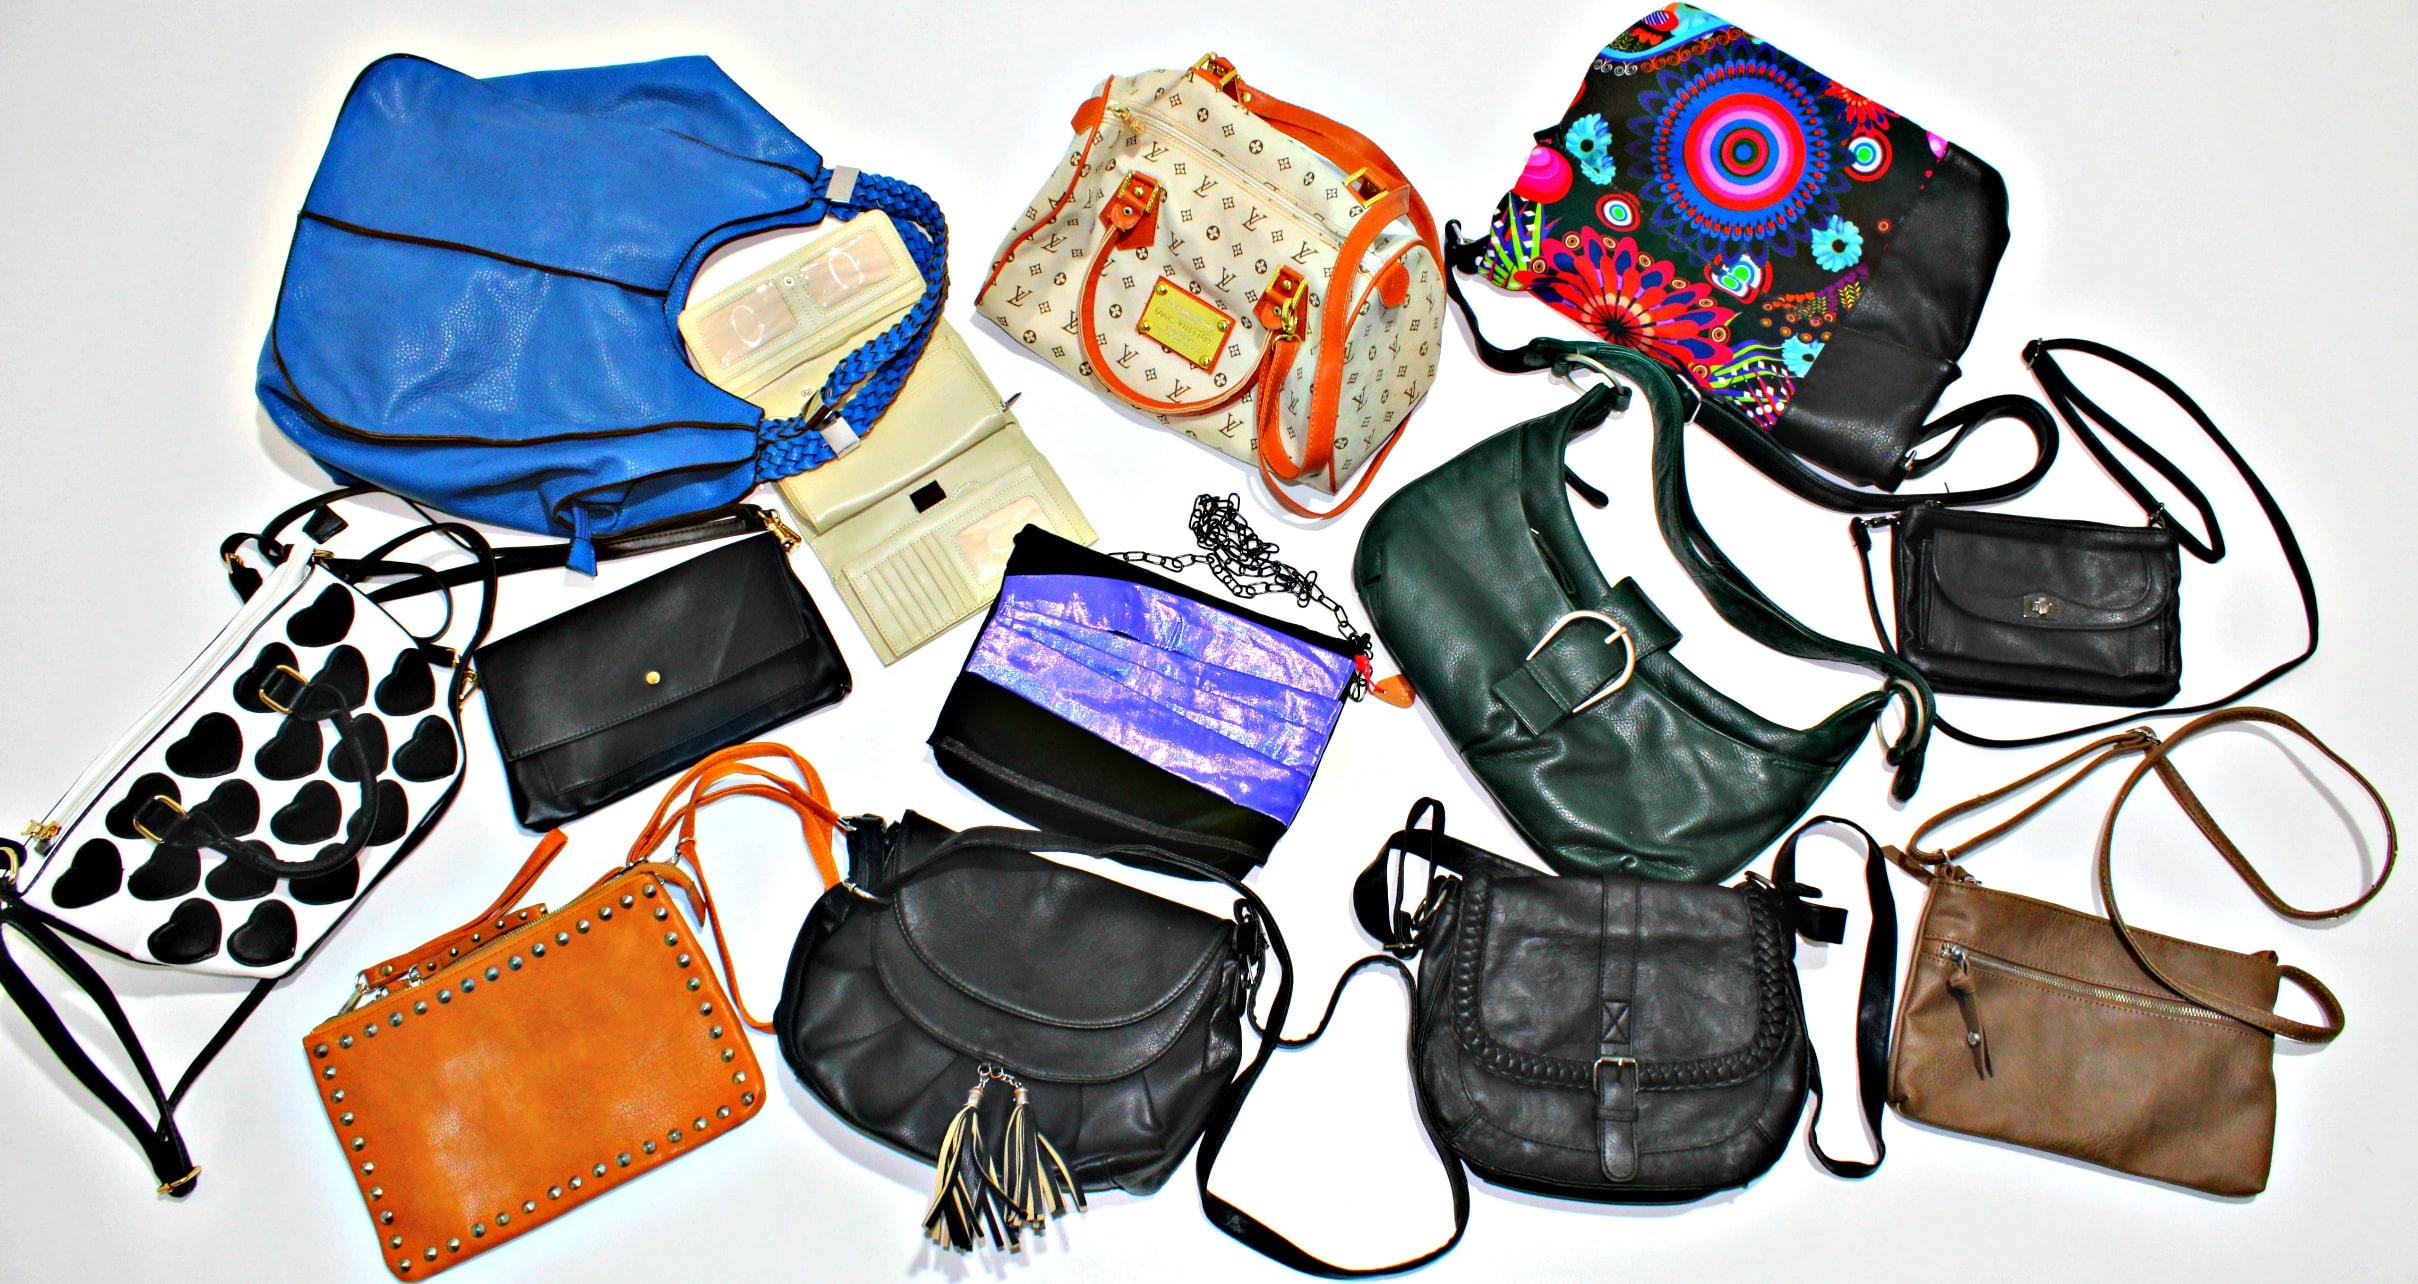 dc16a27b0b70 Секонд хенд сумки женские ОПТ. loading... Наведите курсор, чтобы увеличить.  Код товара 17216578